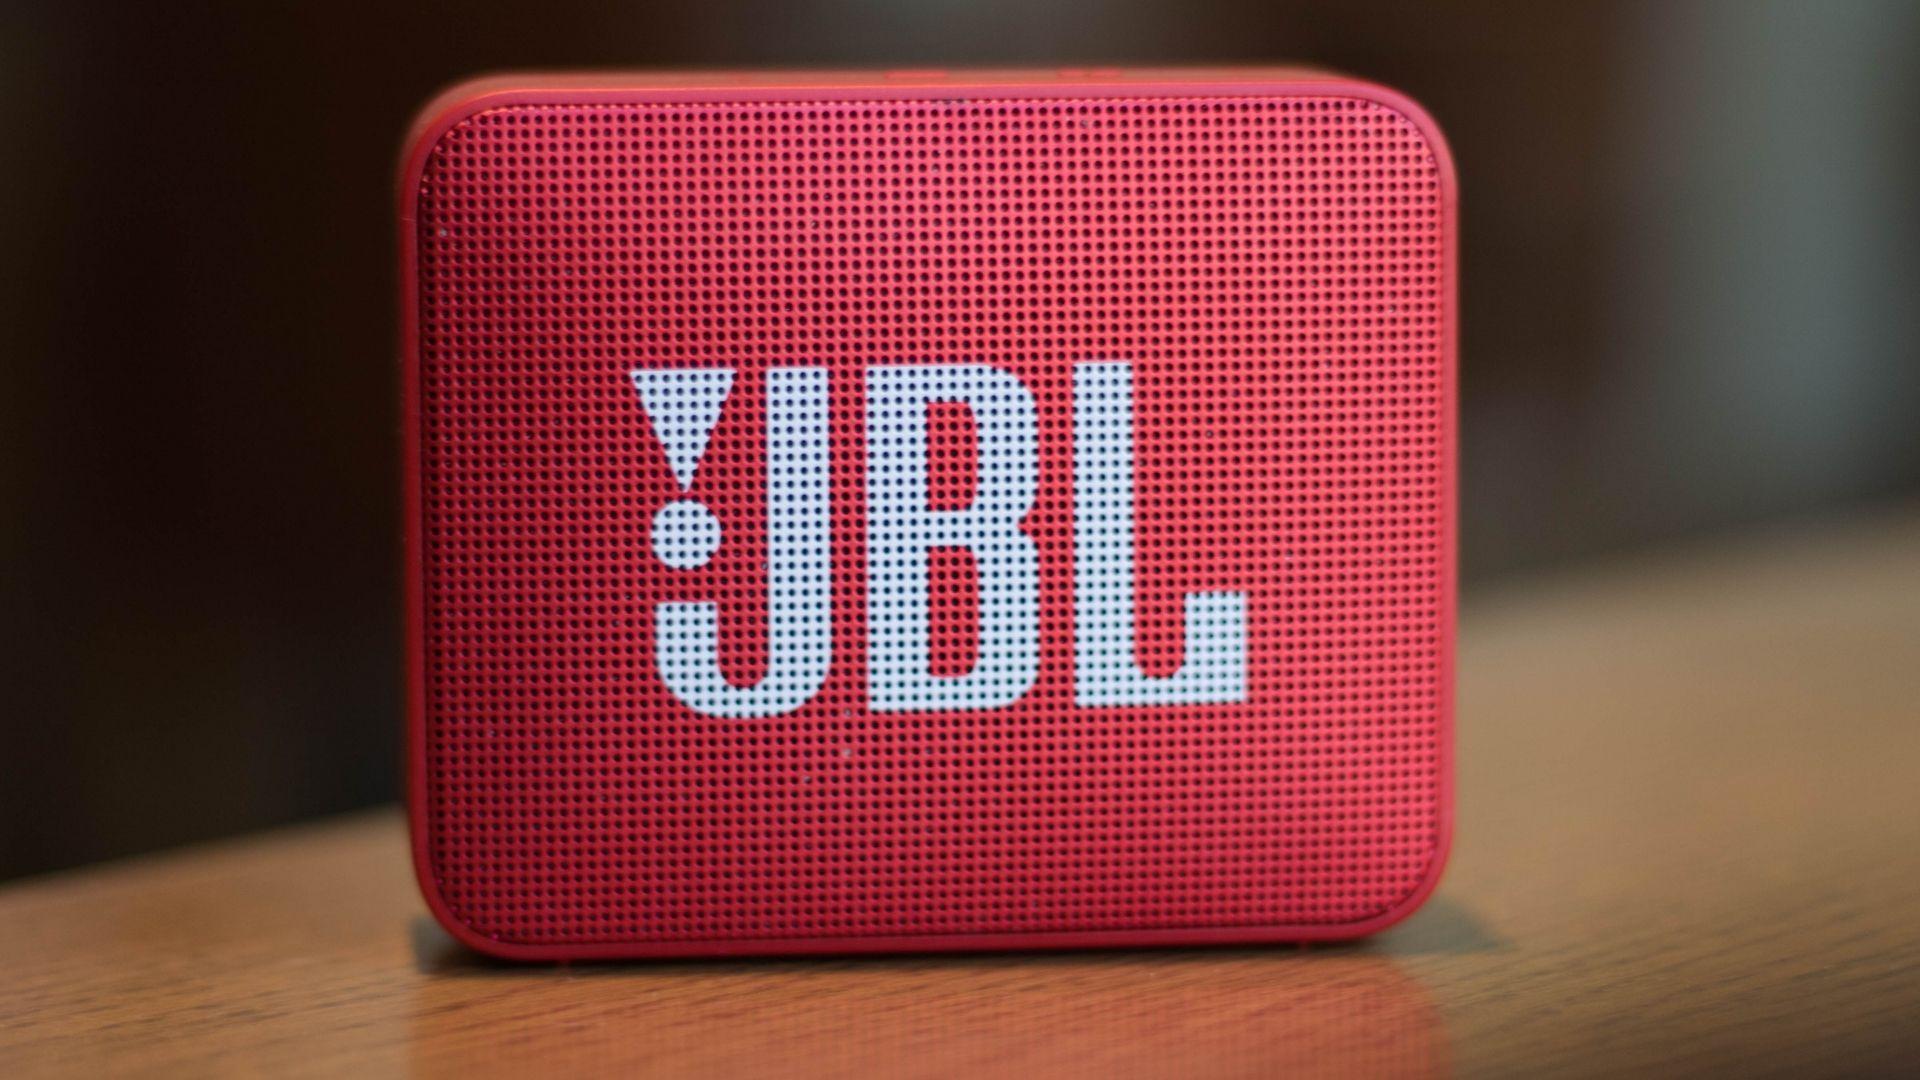 Caixa de som JBL é sinônimo de qualidade (Foto: Mert Gorkem Onses / Shutterstock.com)